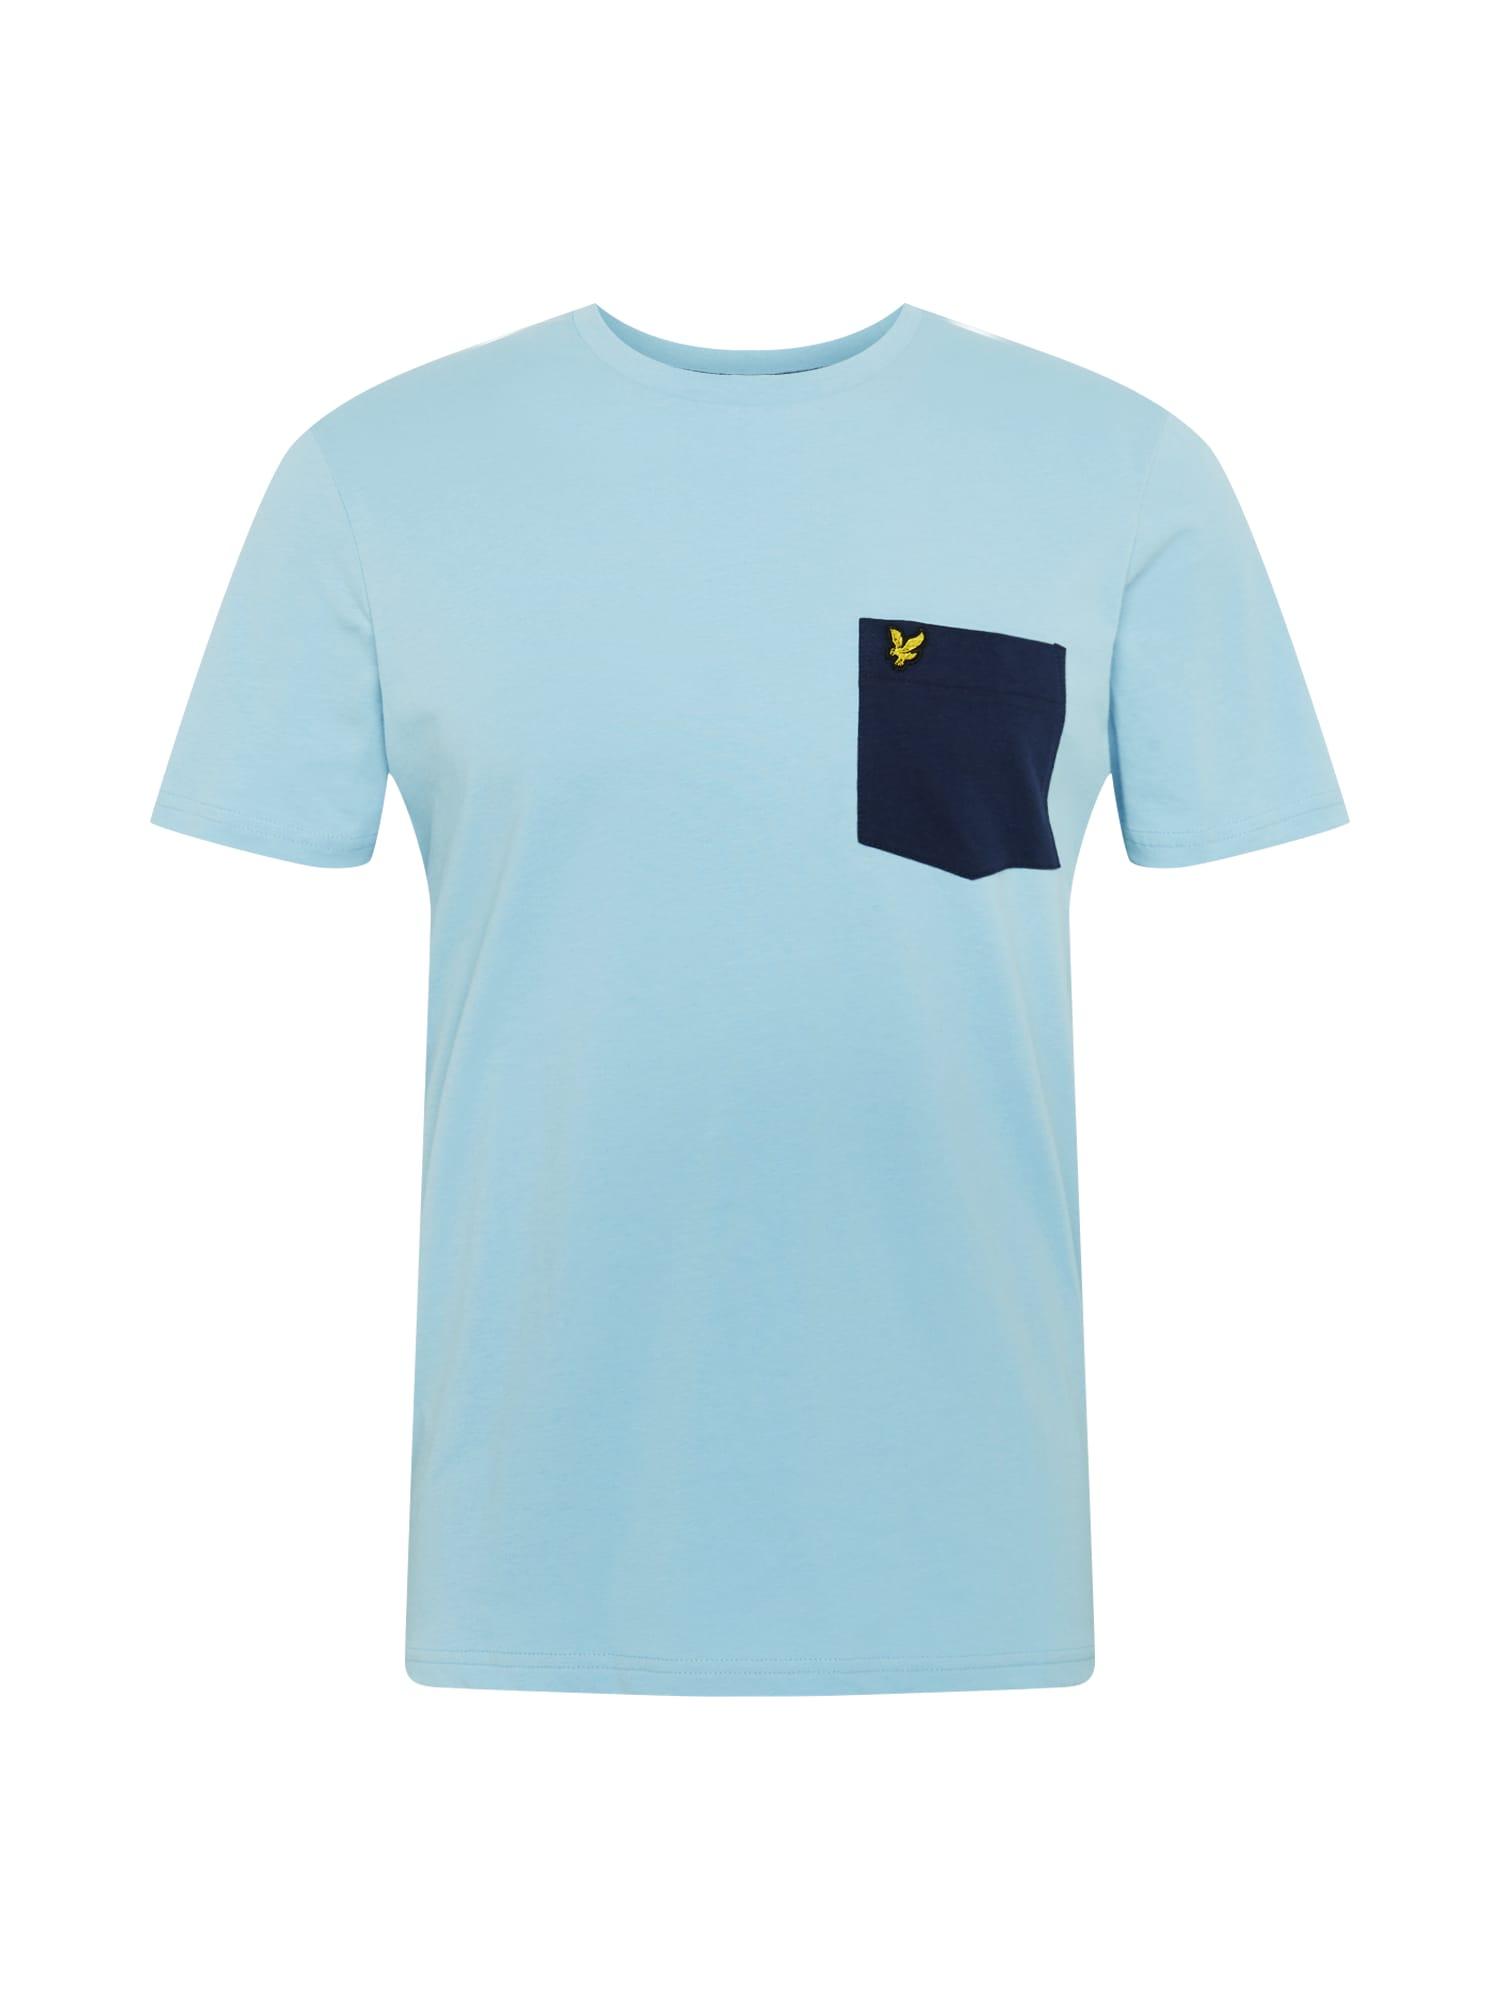 Lyle & Scott Tričko 'Contrast Pocket'  námornícka modrá / modré / žlté